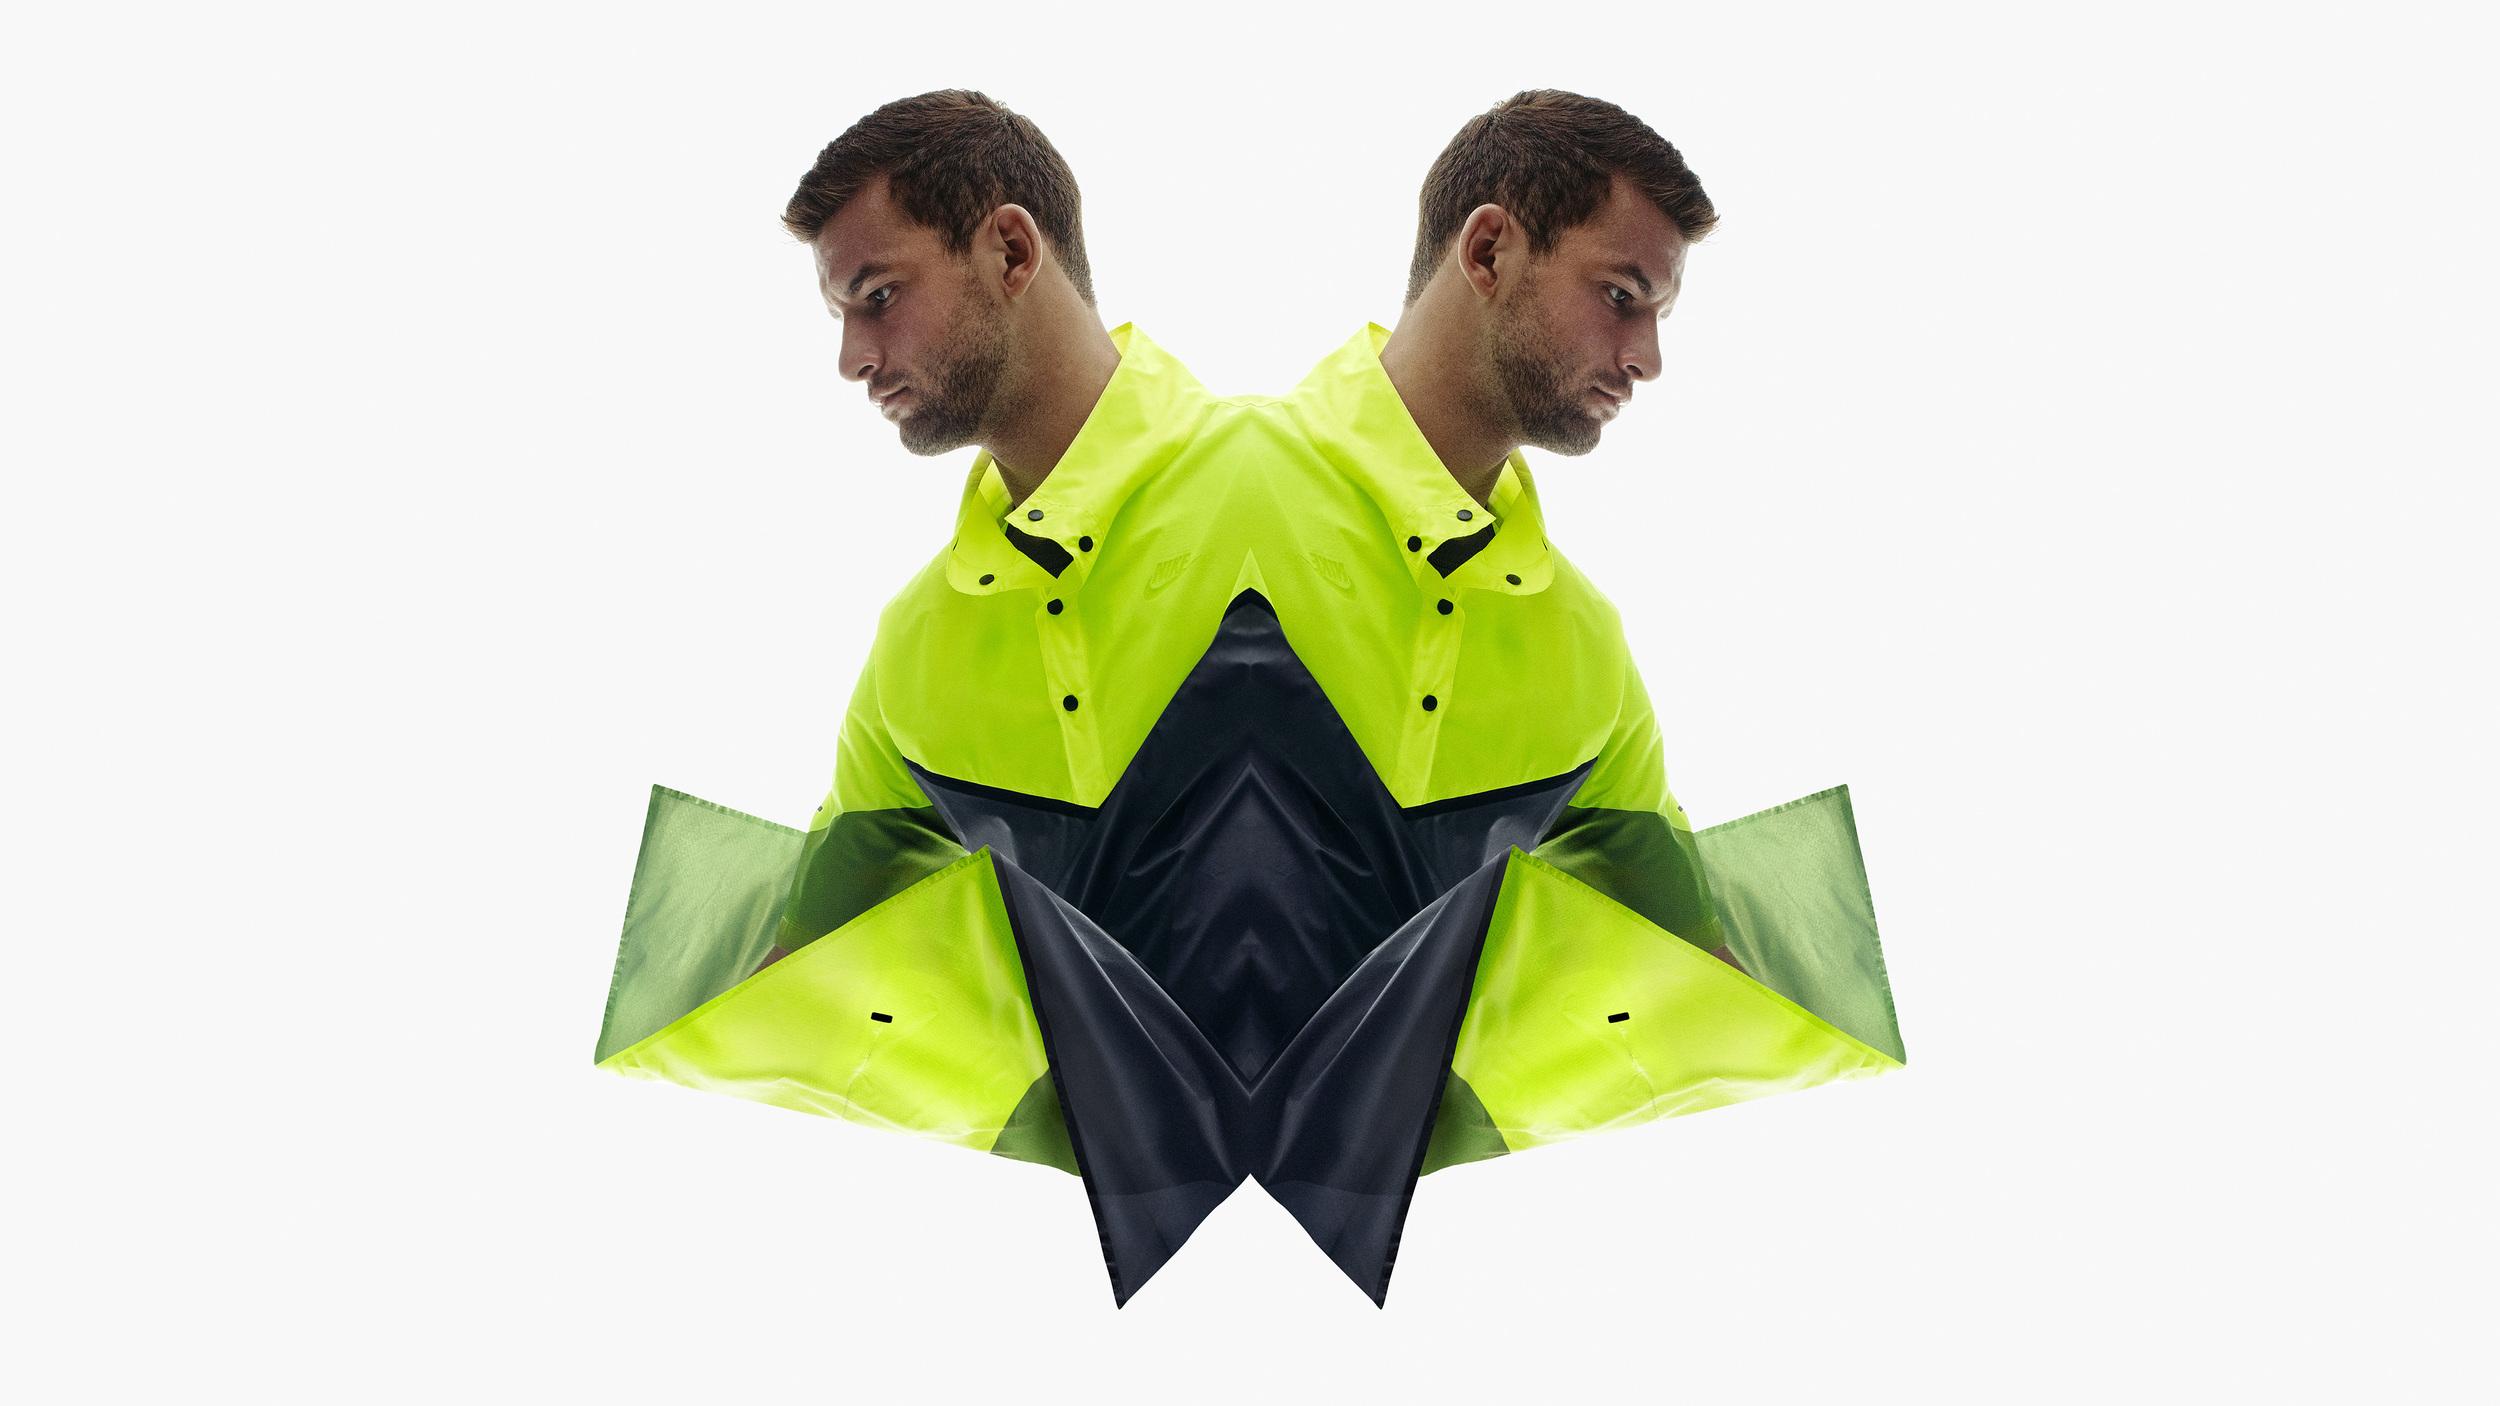 NikeLab_x_Kim_Jones_4_60223.jpg